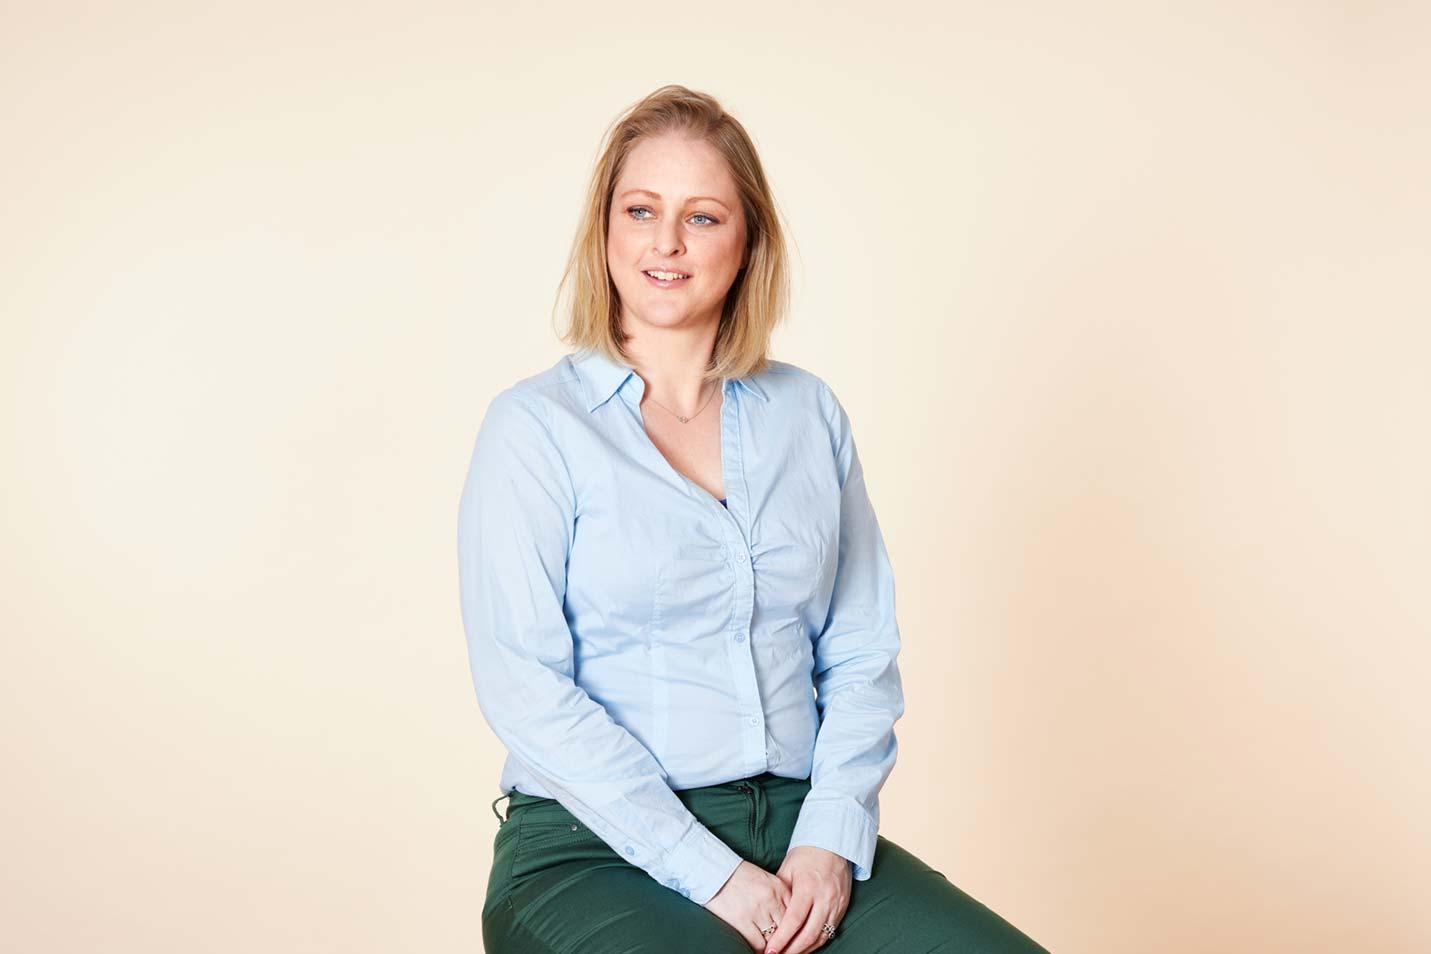 Linda Pekel